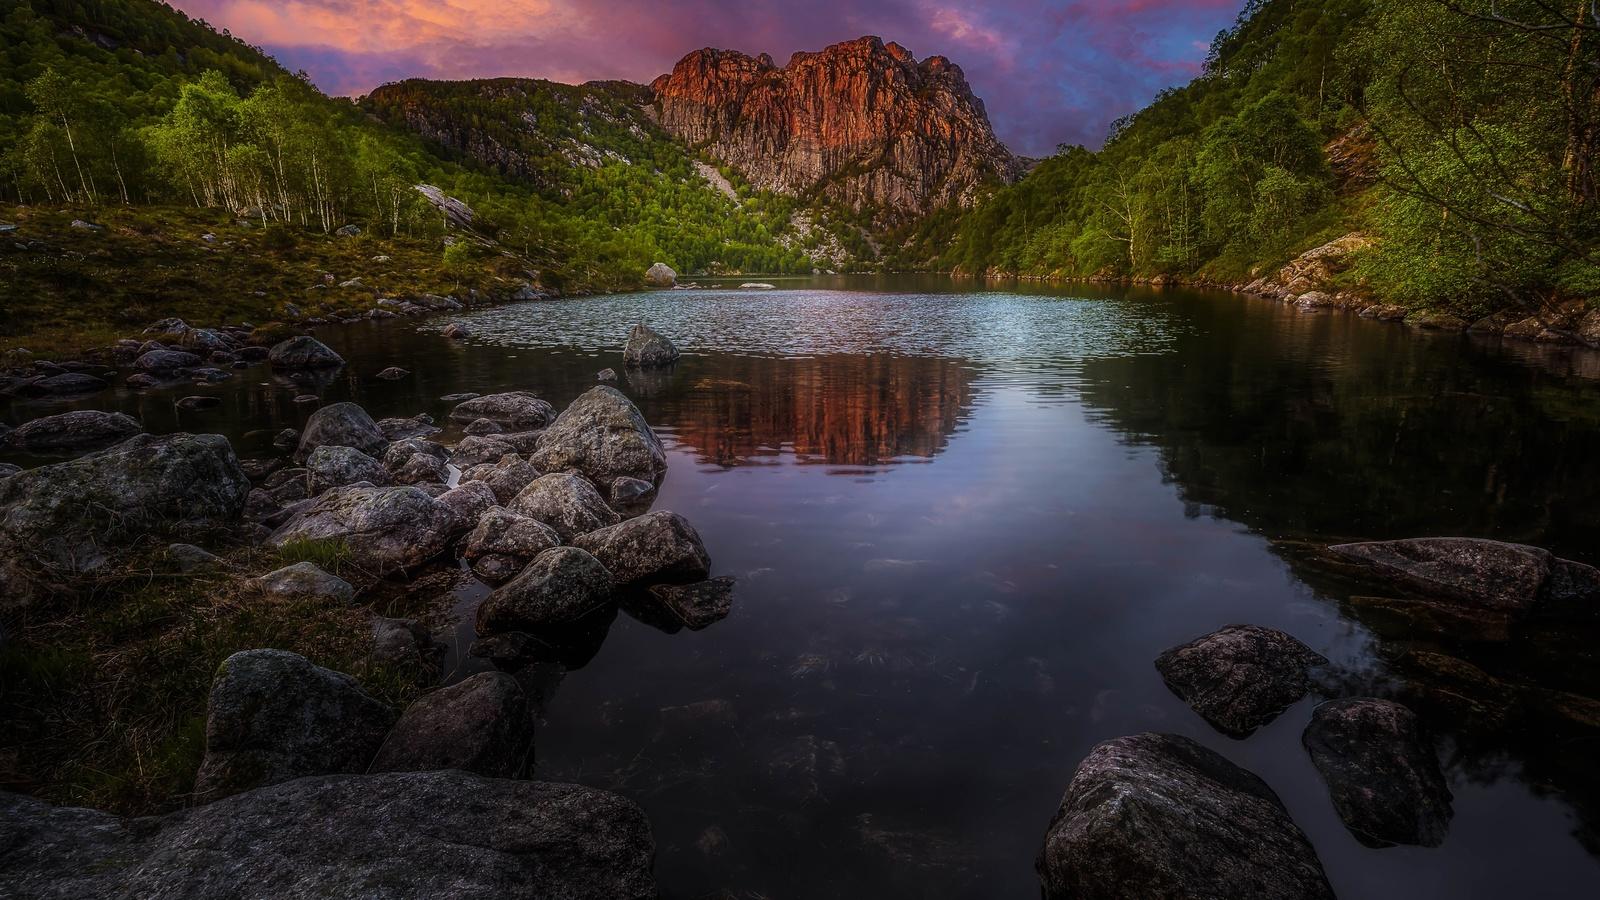 природа, вода, рябь, деревья, пейзаж, скалы, озеро, камни, горы, холмы, сумерки